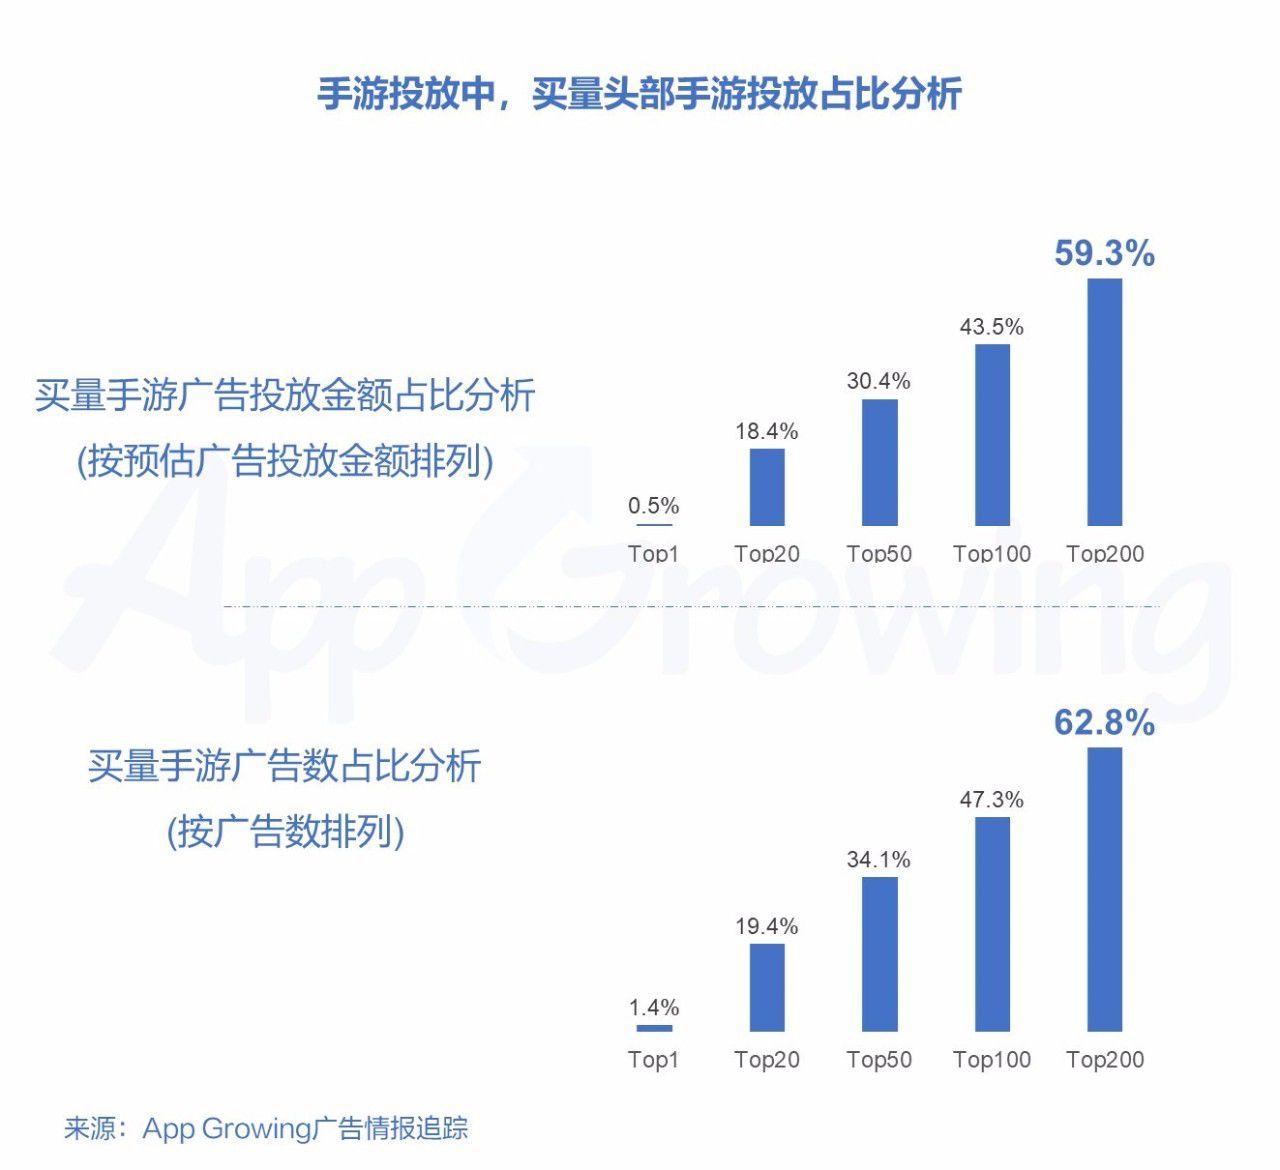 预估广告投放金额Top200手游占比接近6成